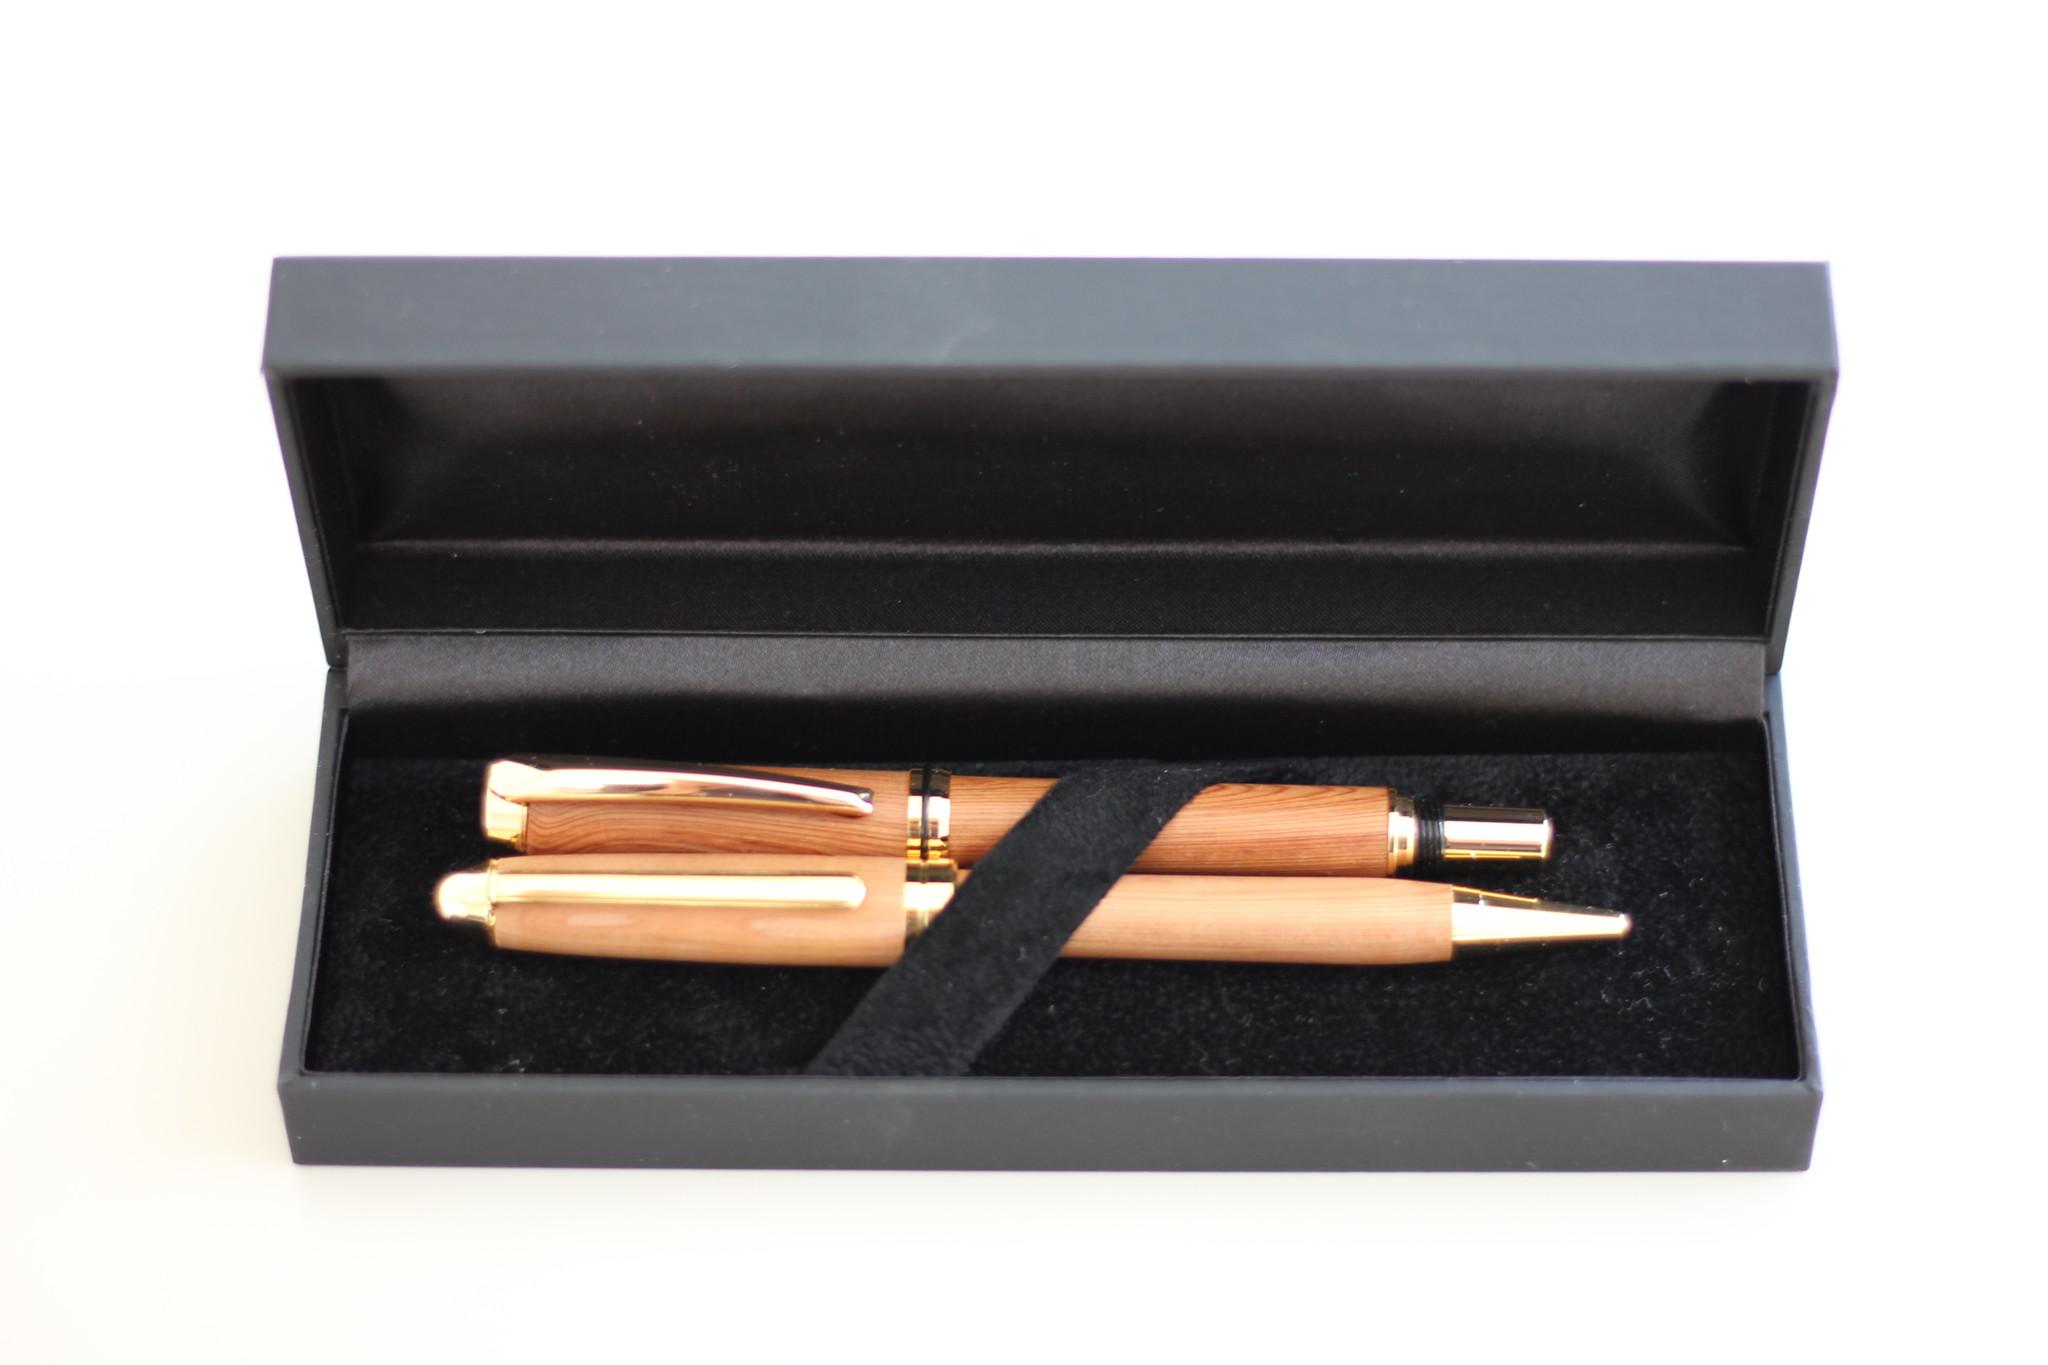 就職・進学のお祝い品に 人生の節目の記念品に、高級天然木の万年筆&ボールペン